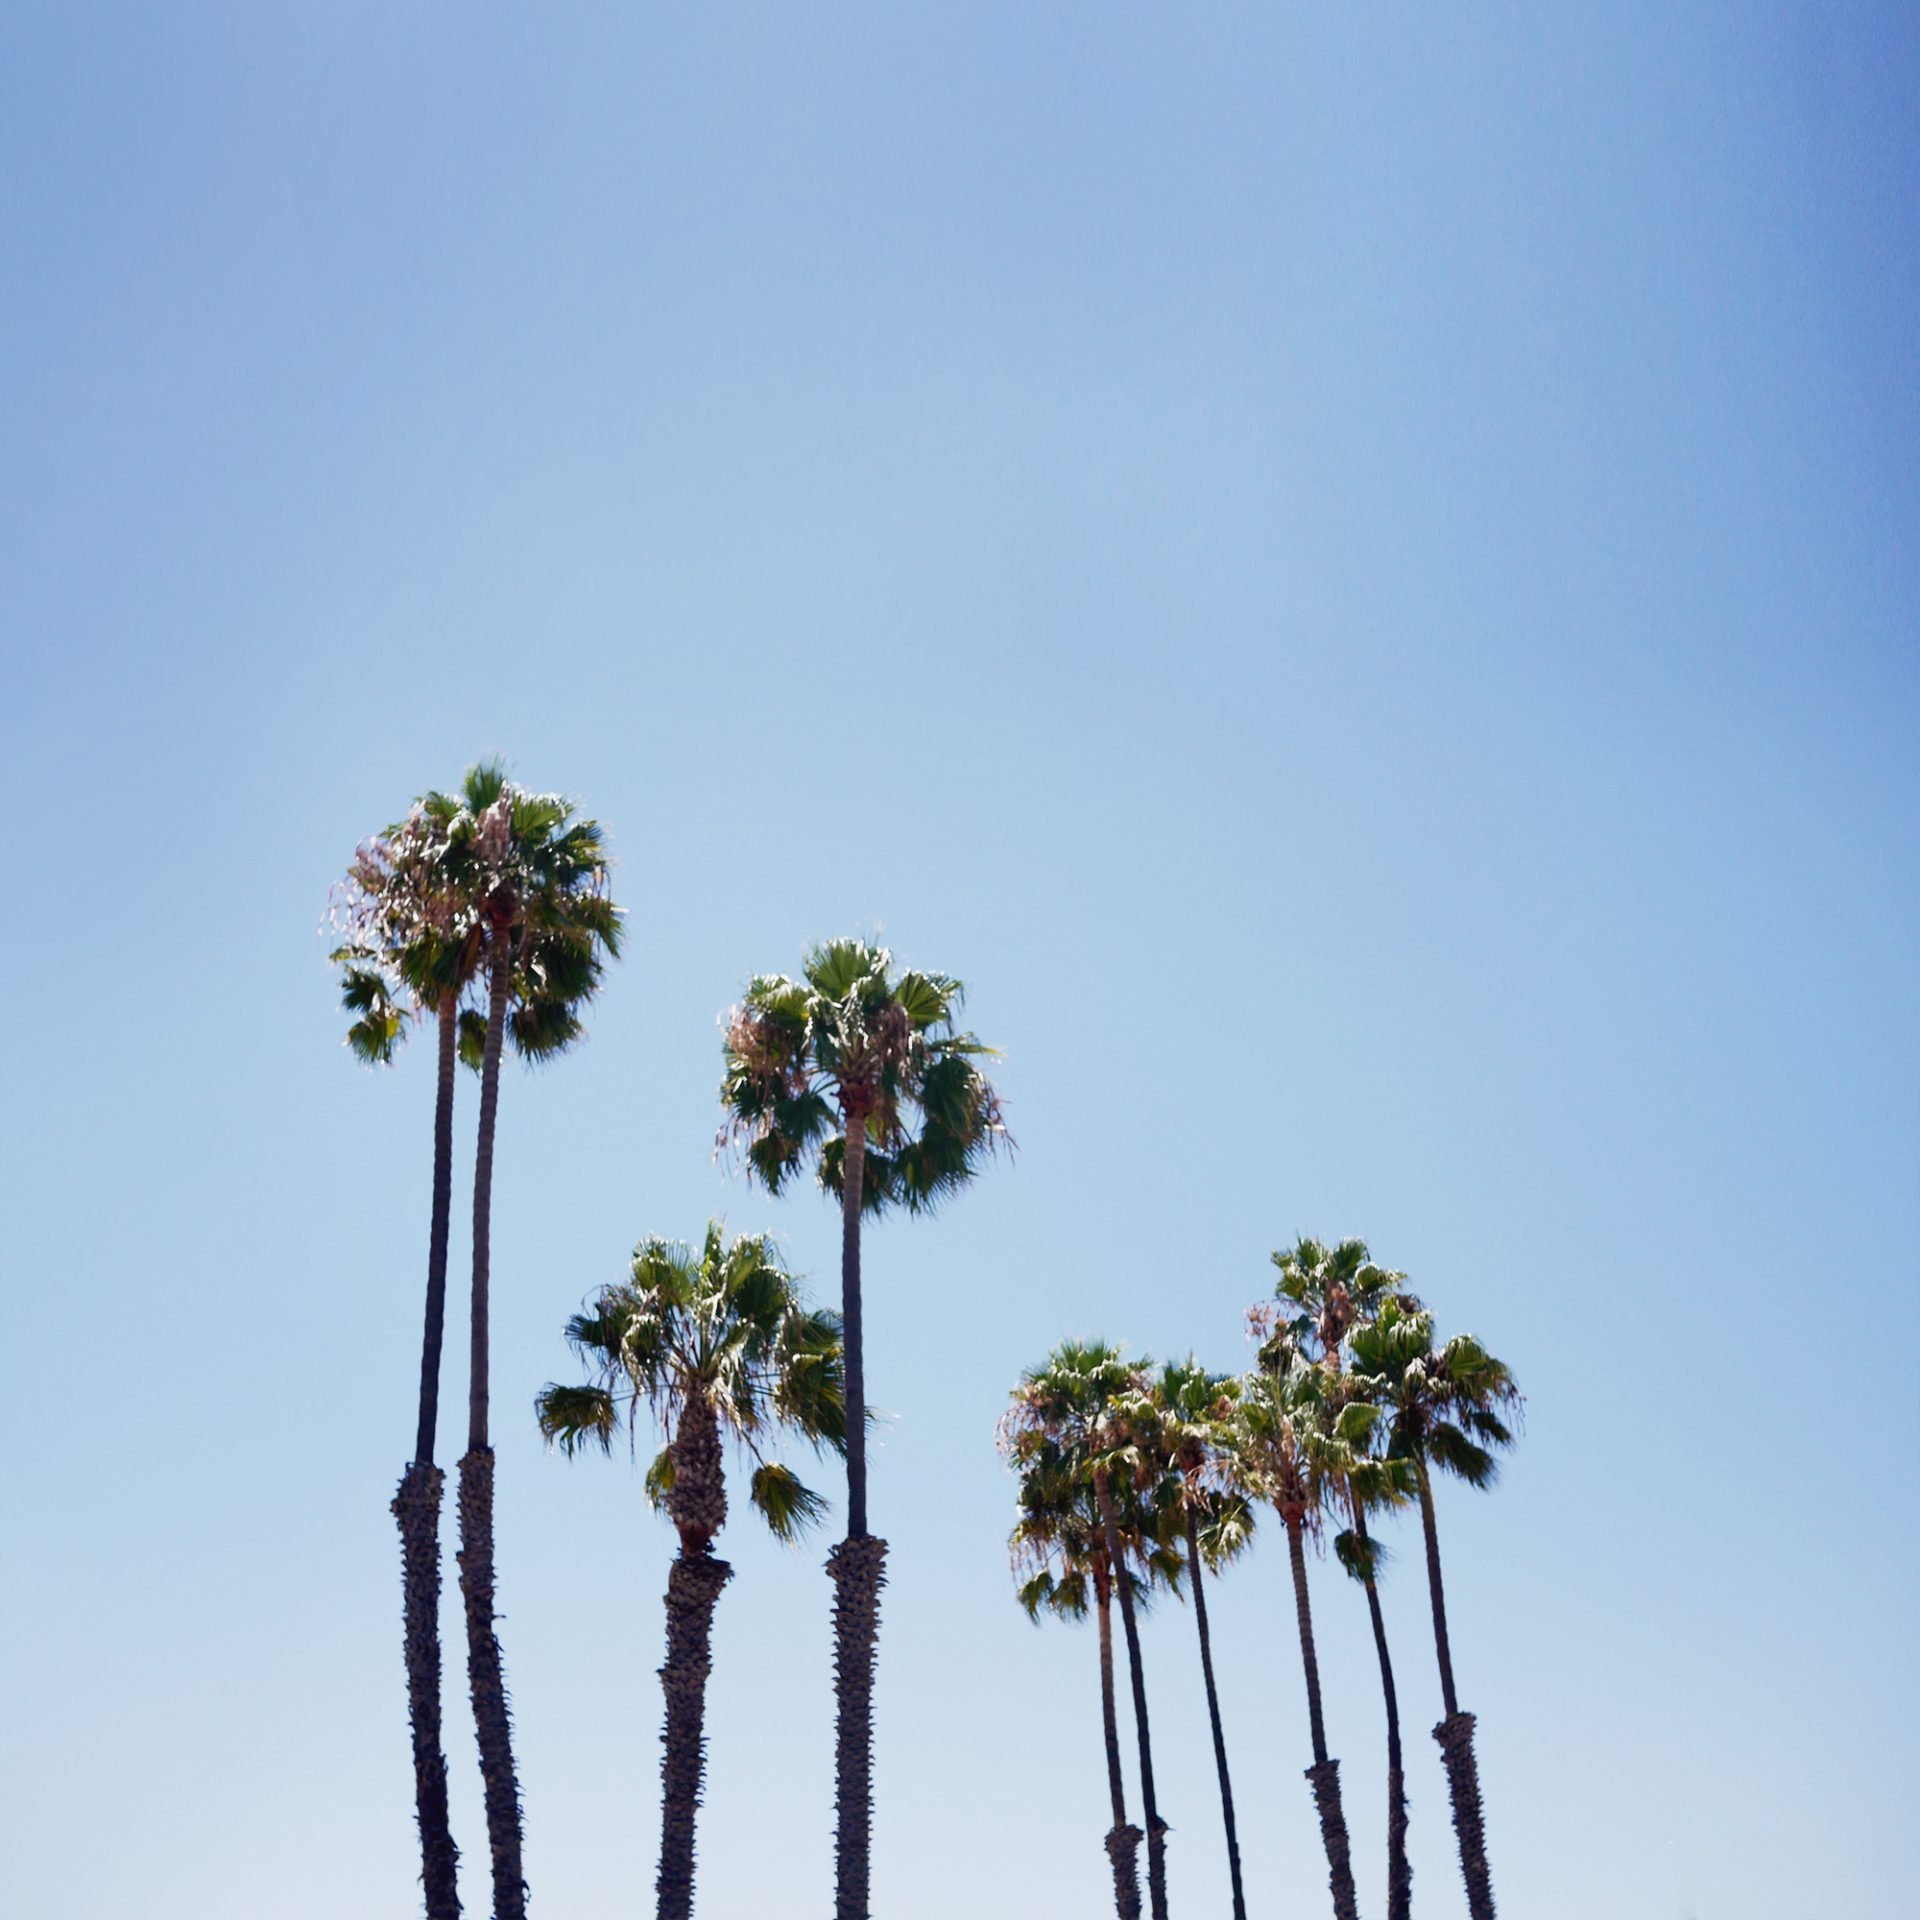 palmtrees-print